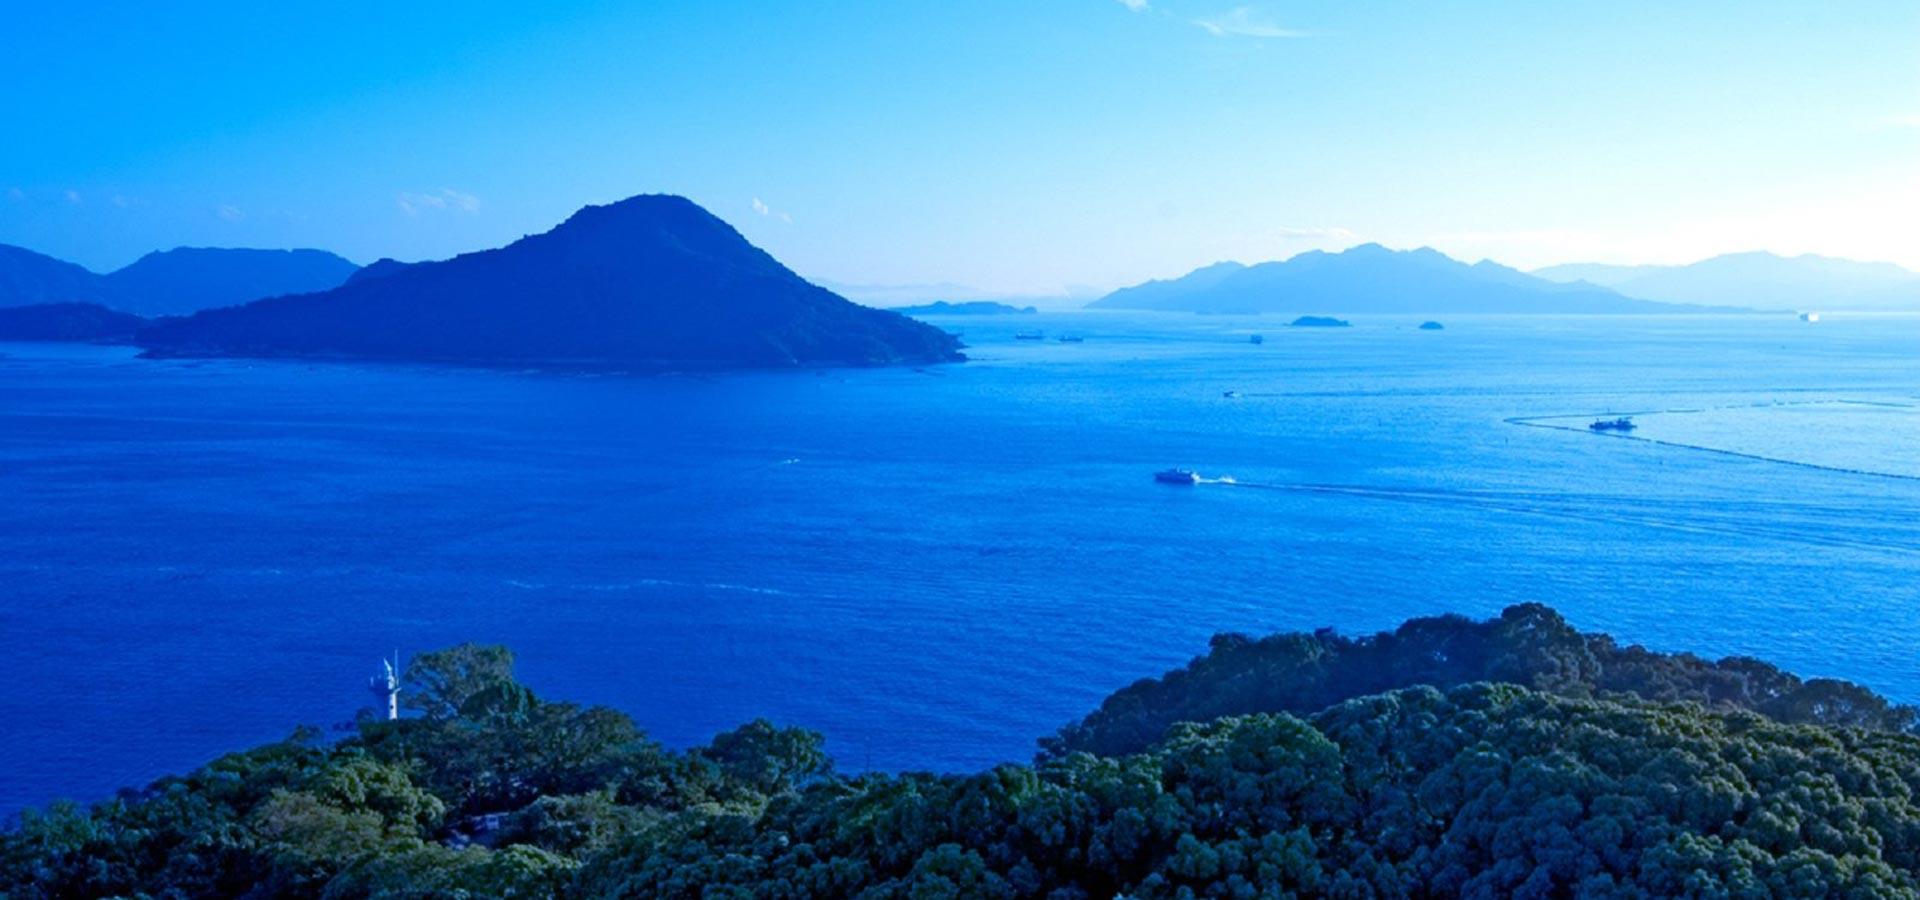 Motoujina National Park